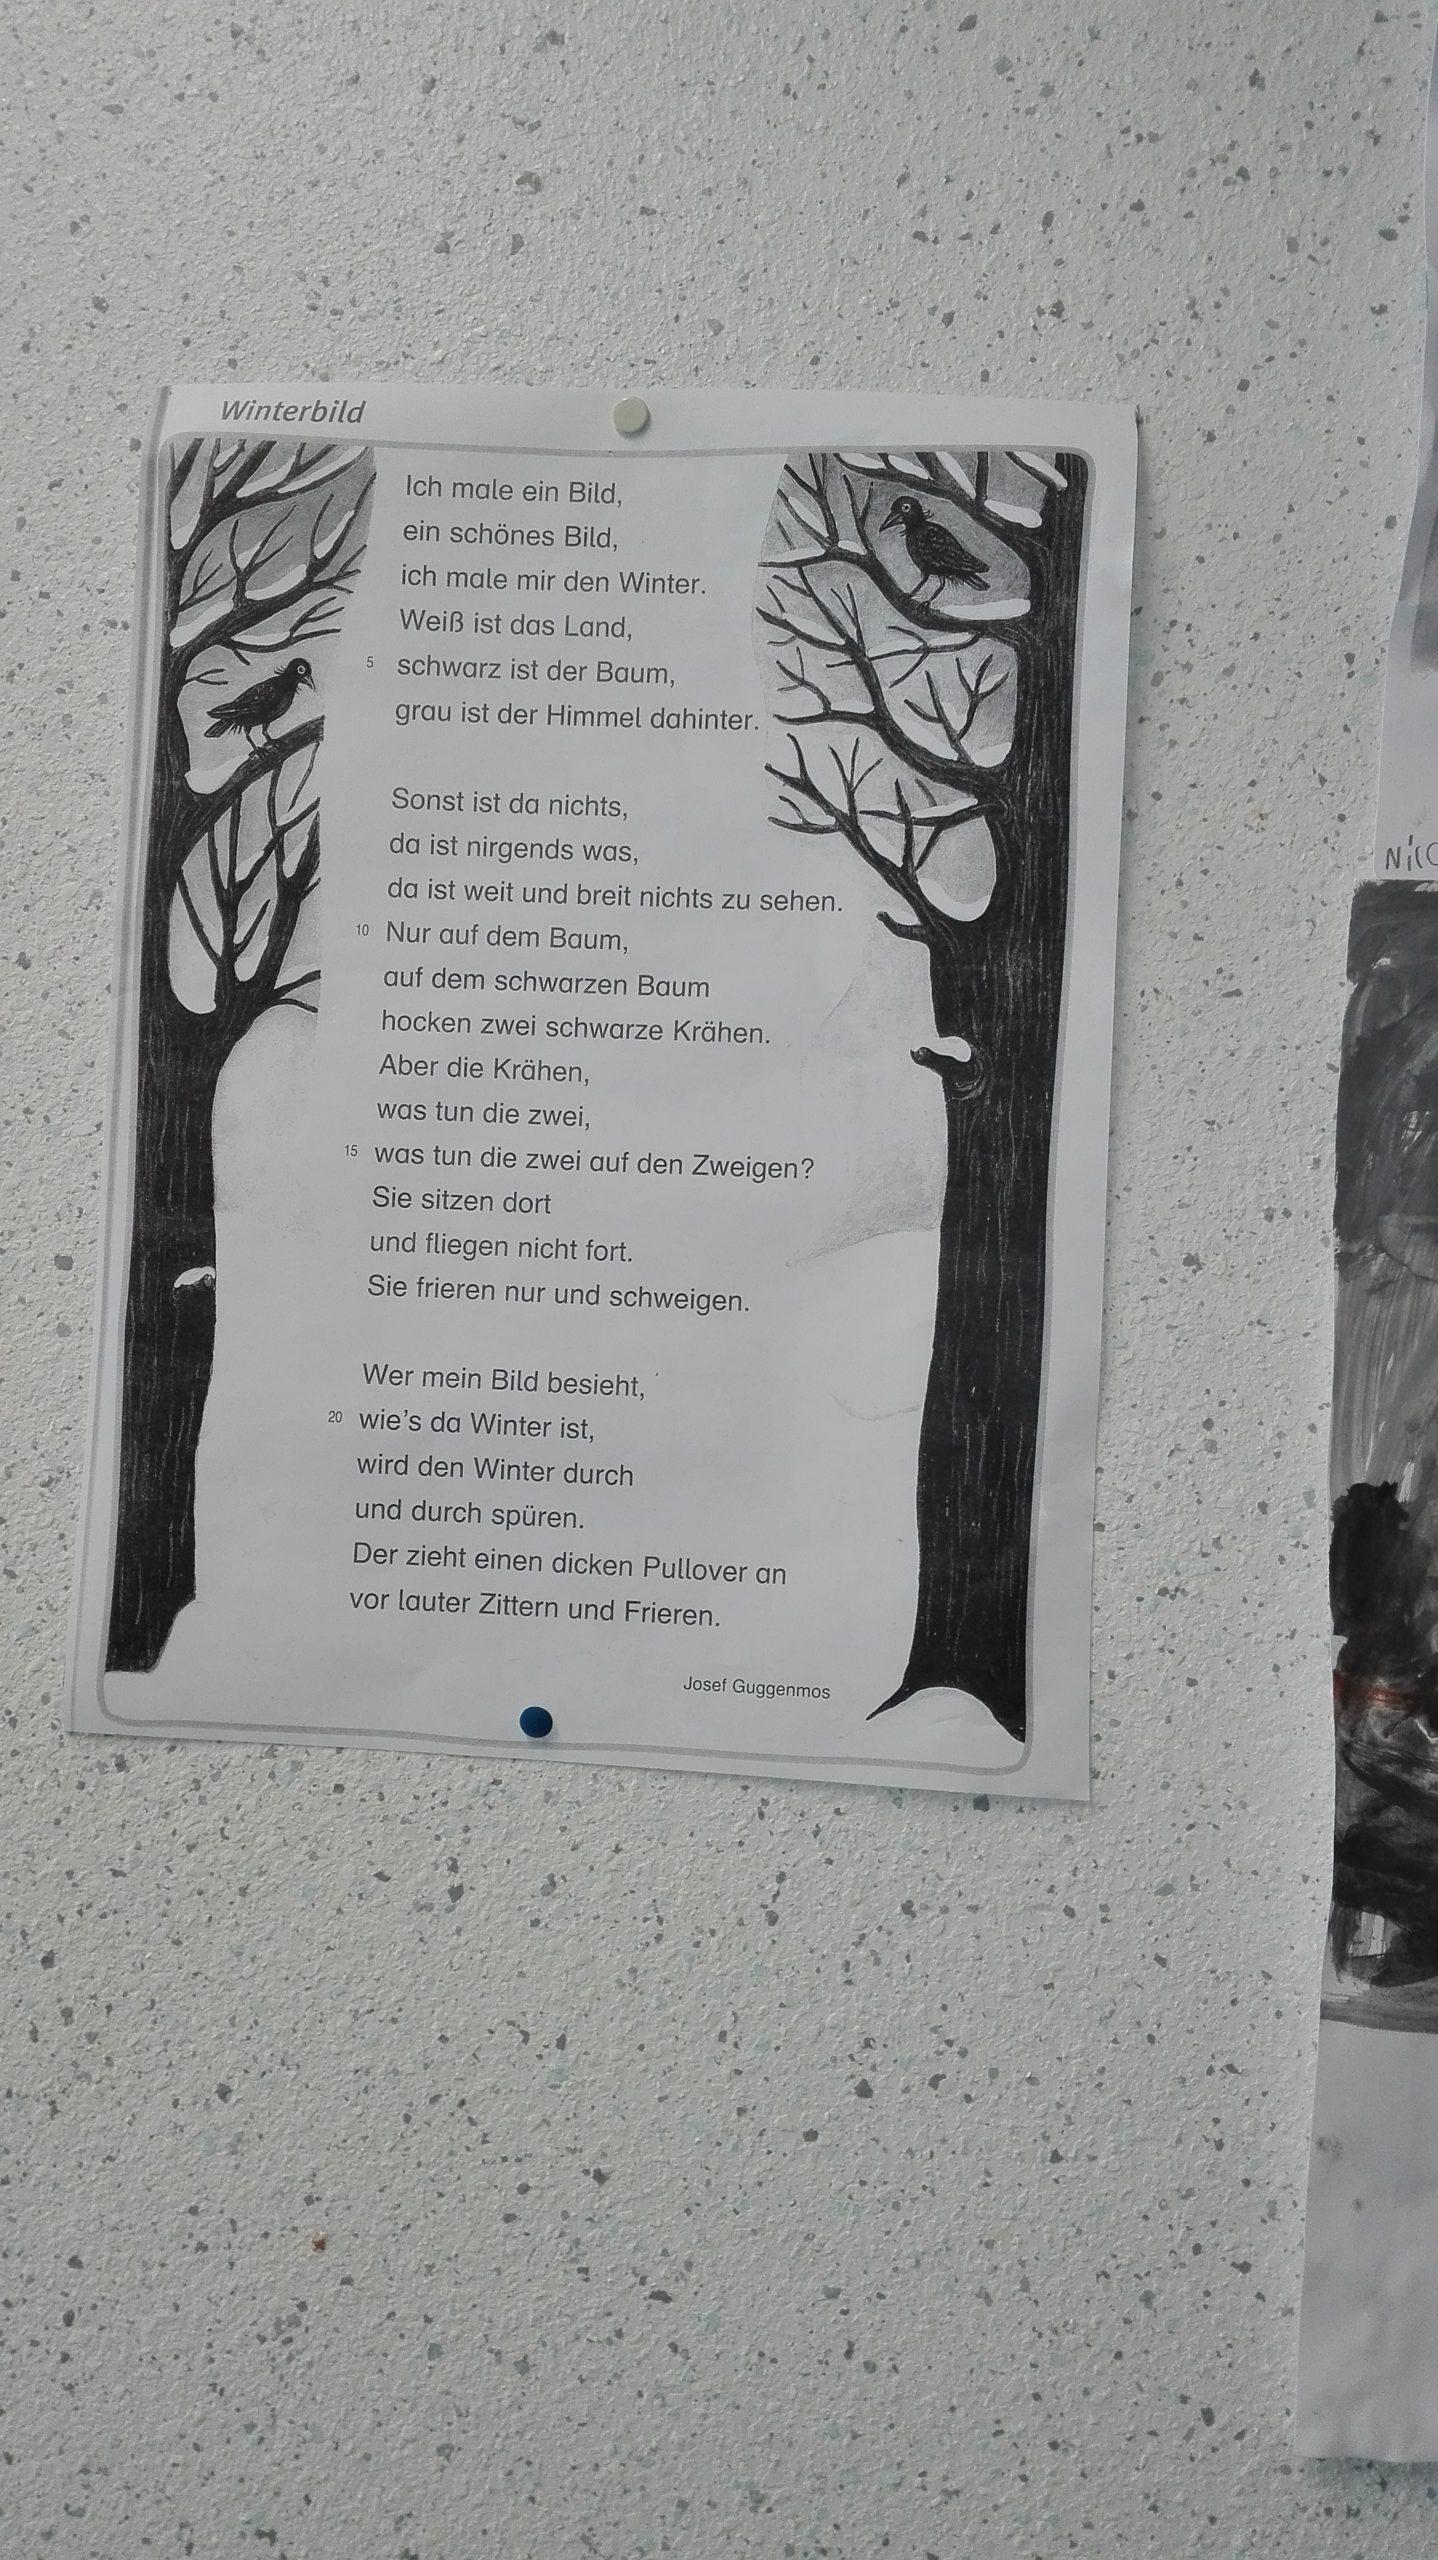 Winterbild Nach Guggenmos   Nikolaus-Schule über Josef Guggenmos Gedichte Grundschule